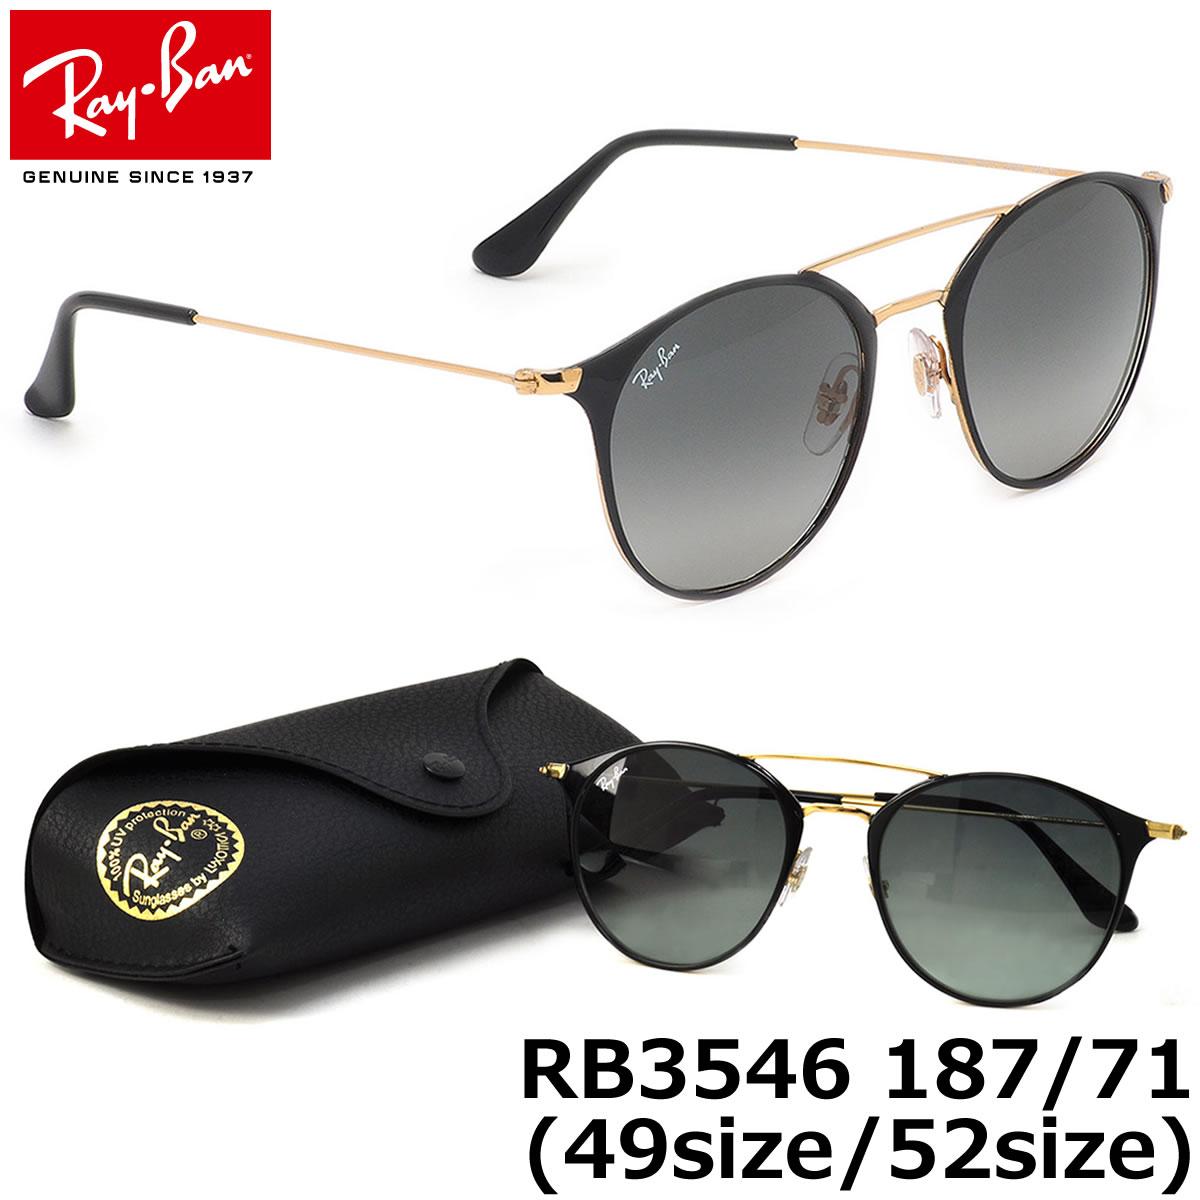 レイバン サングラス Ray-Ban RB3546 187/71 49サイズ 52サイズレイバン RAYBAN 18771 ツーブリッジ ダブルブリッジ ROUND ラウンド 丸メガネ メンズ レディース